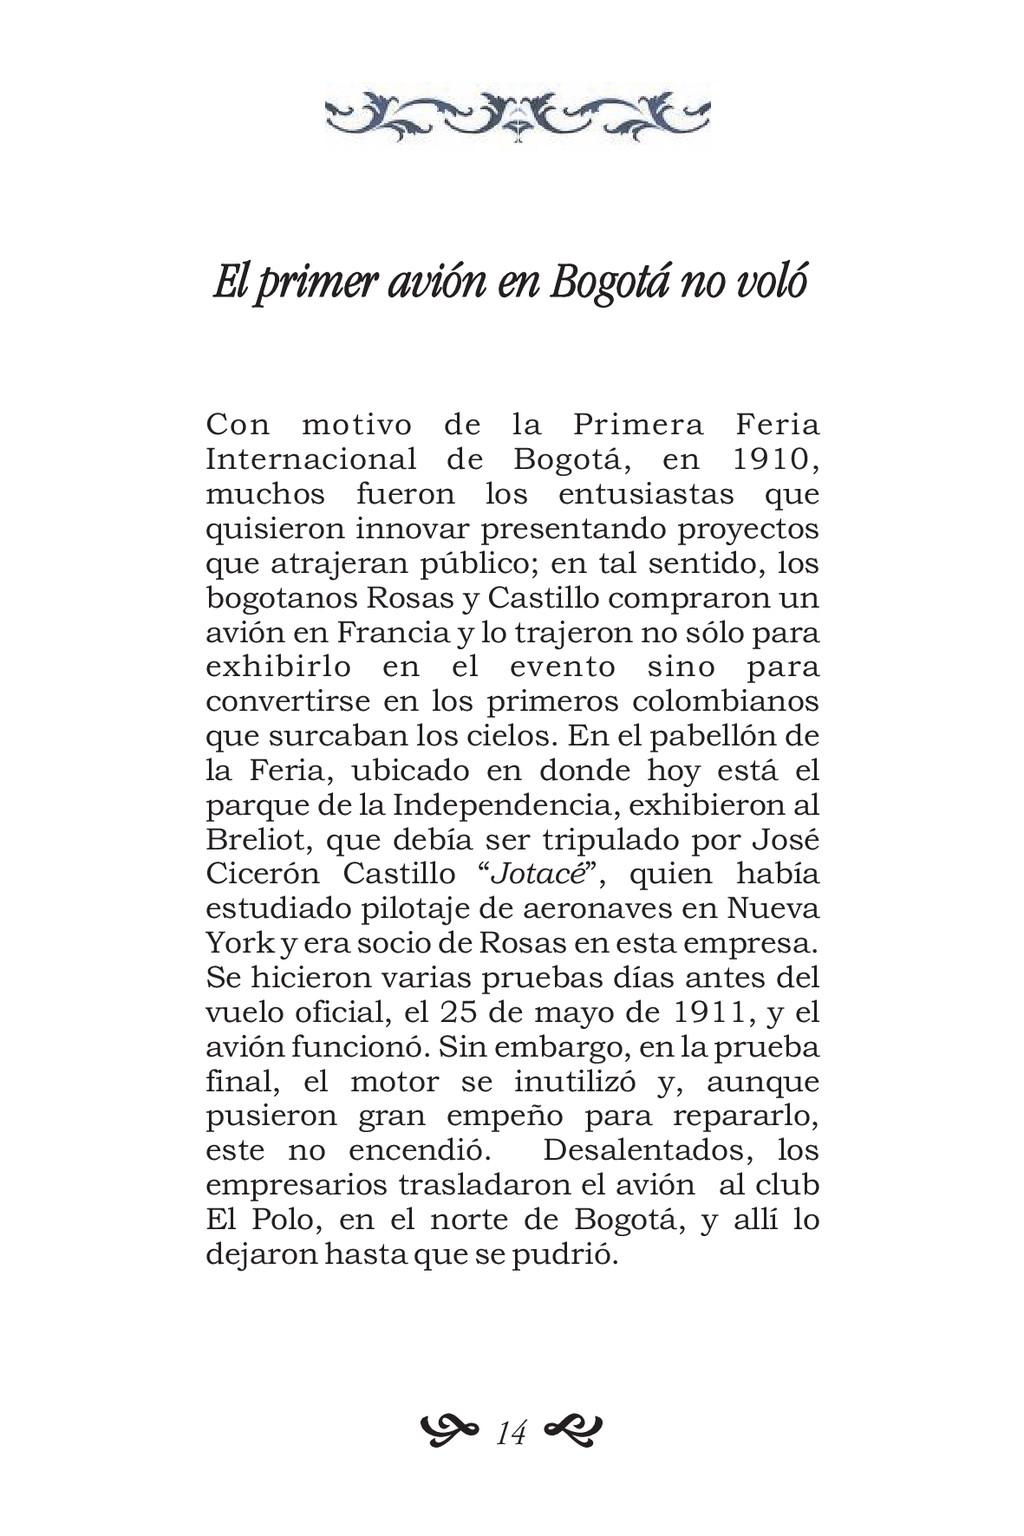 El primer avión en Bogotá no voló Con motivo de...